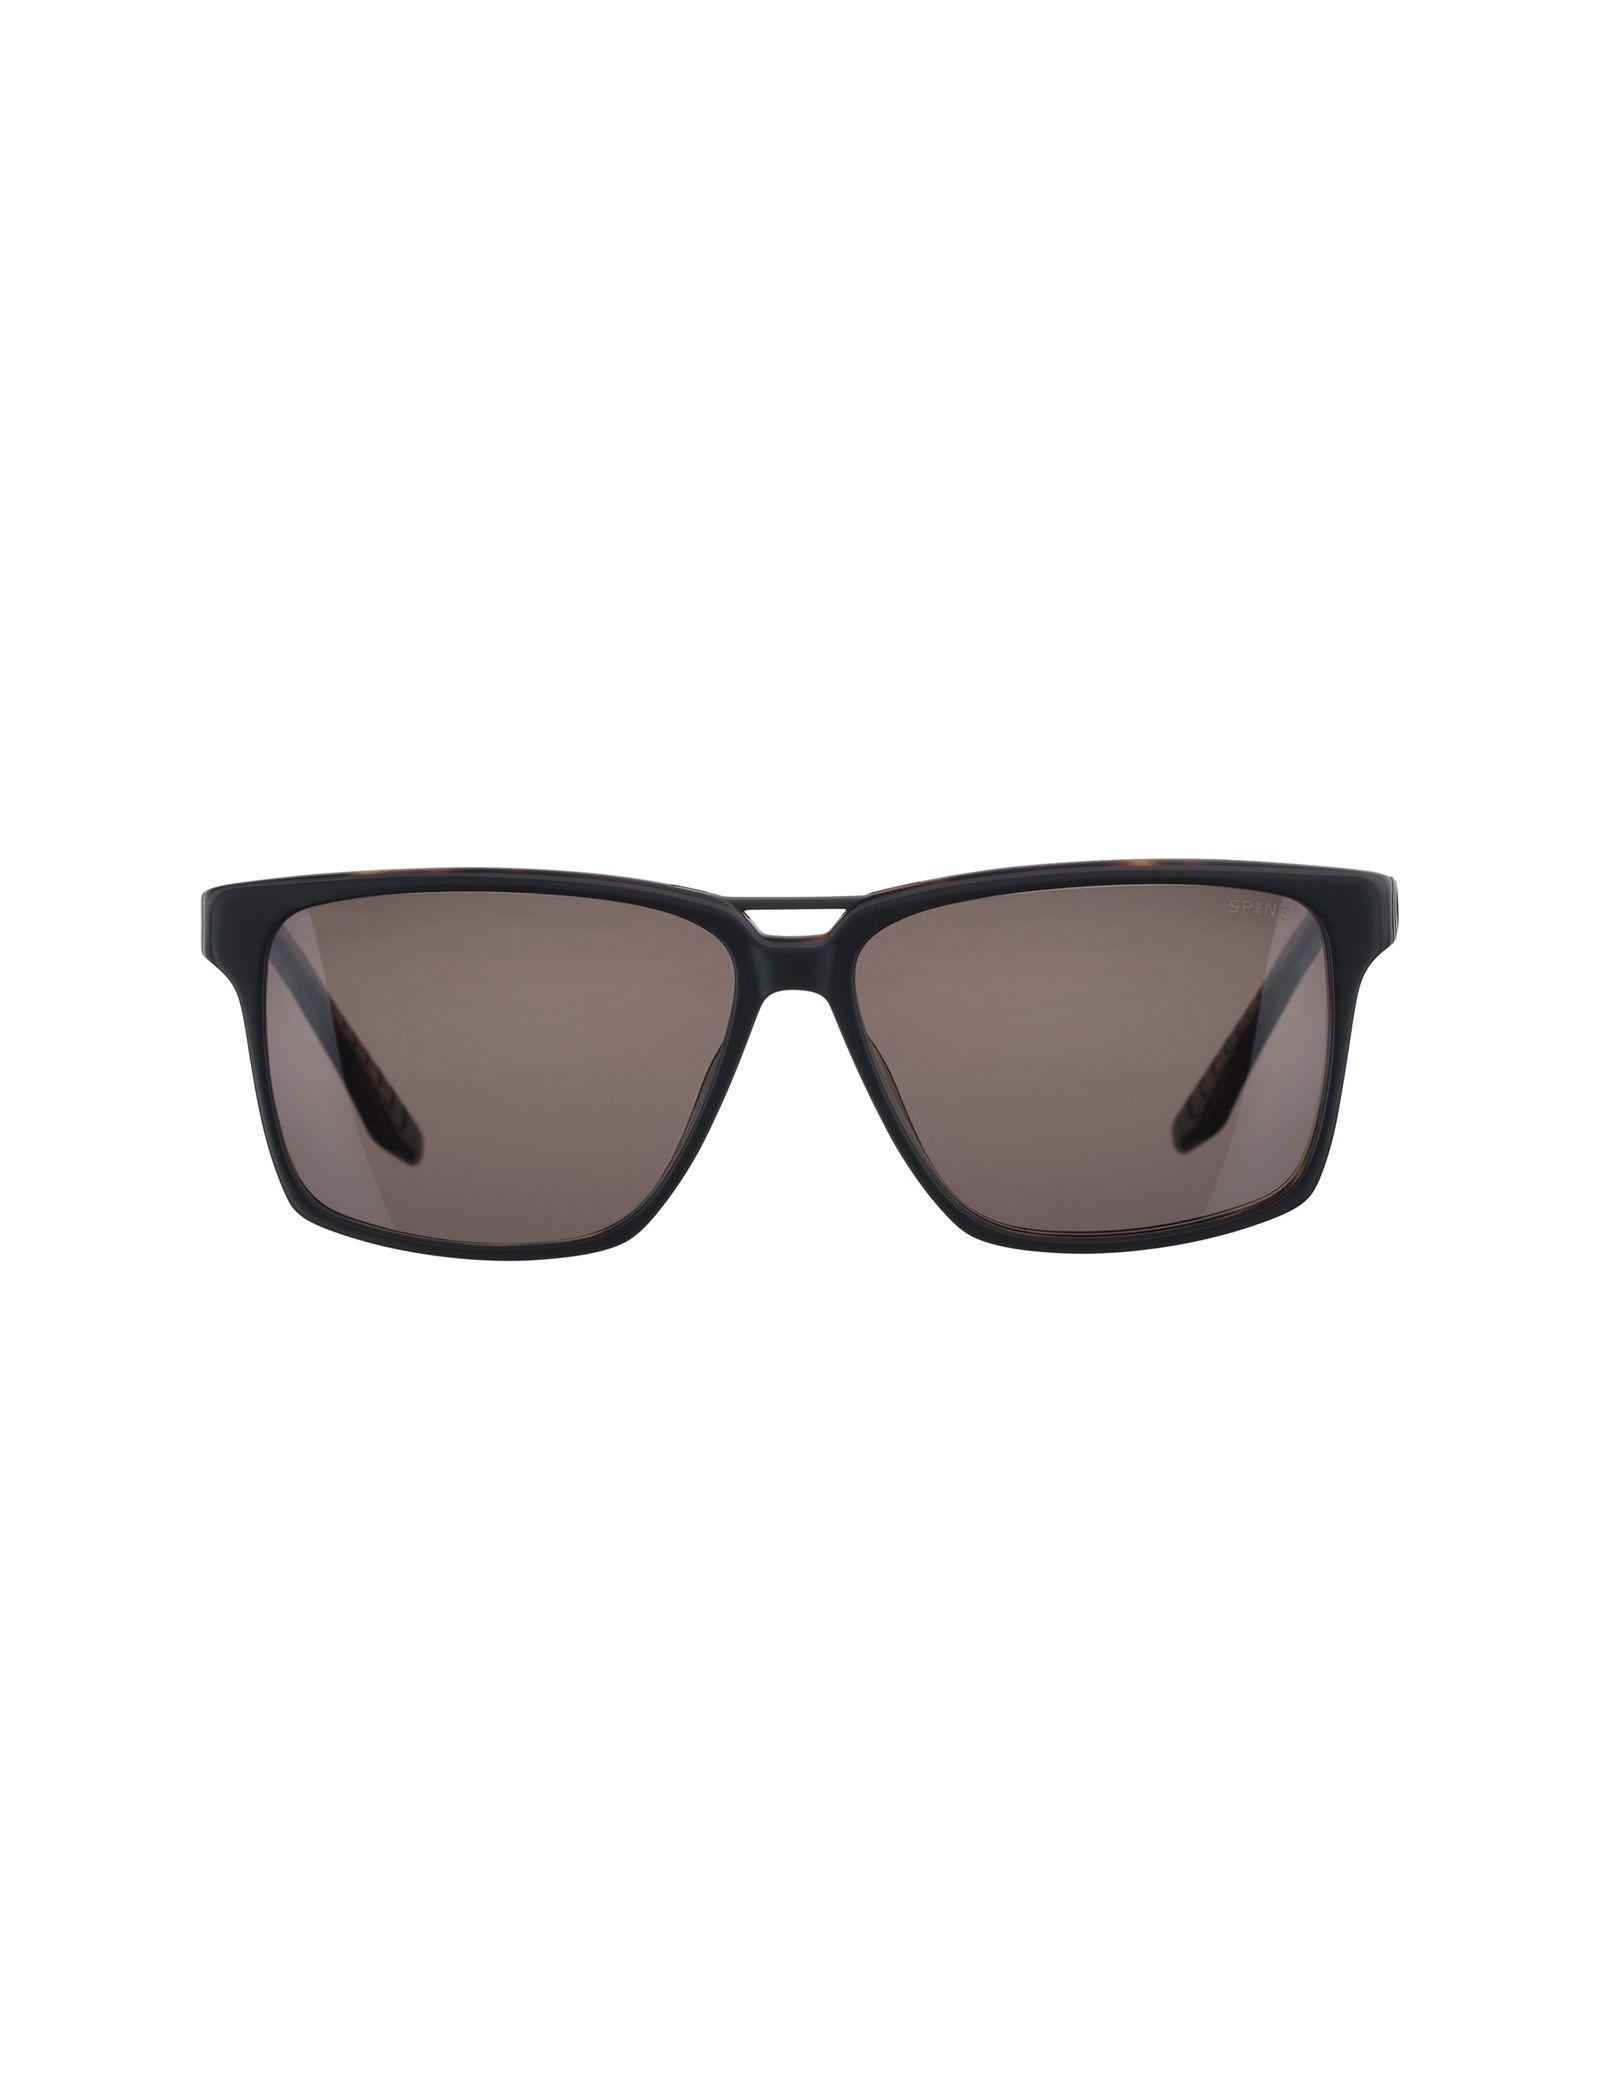 عینک آفتابی ویفرر مردانه - اسپاین - مشکي و قهوه اي - 1